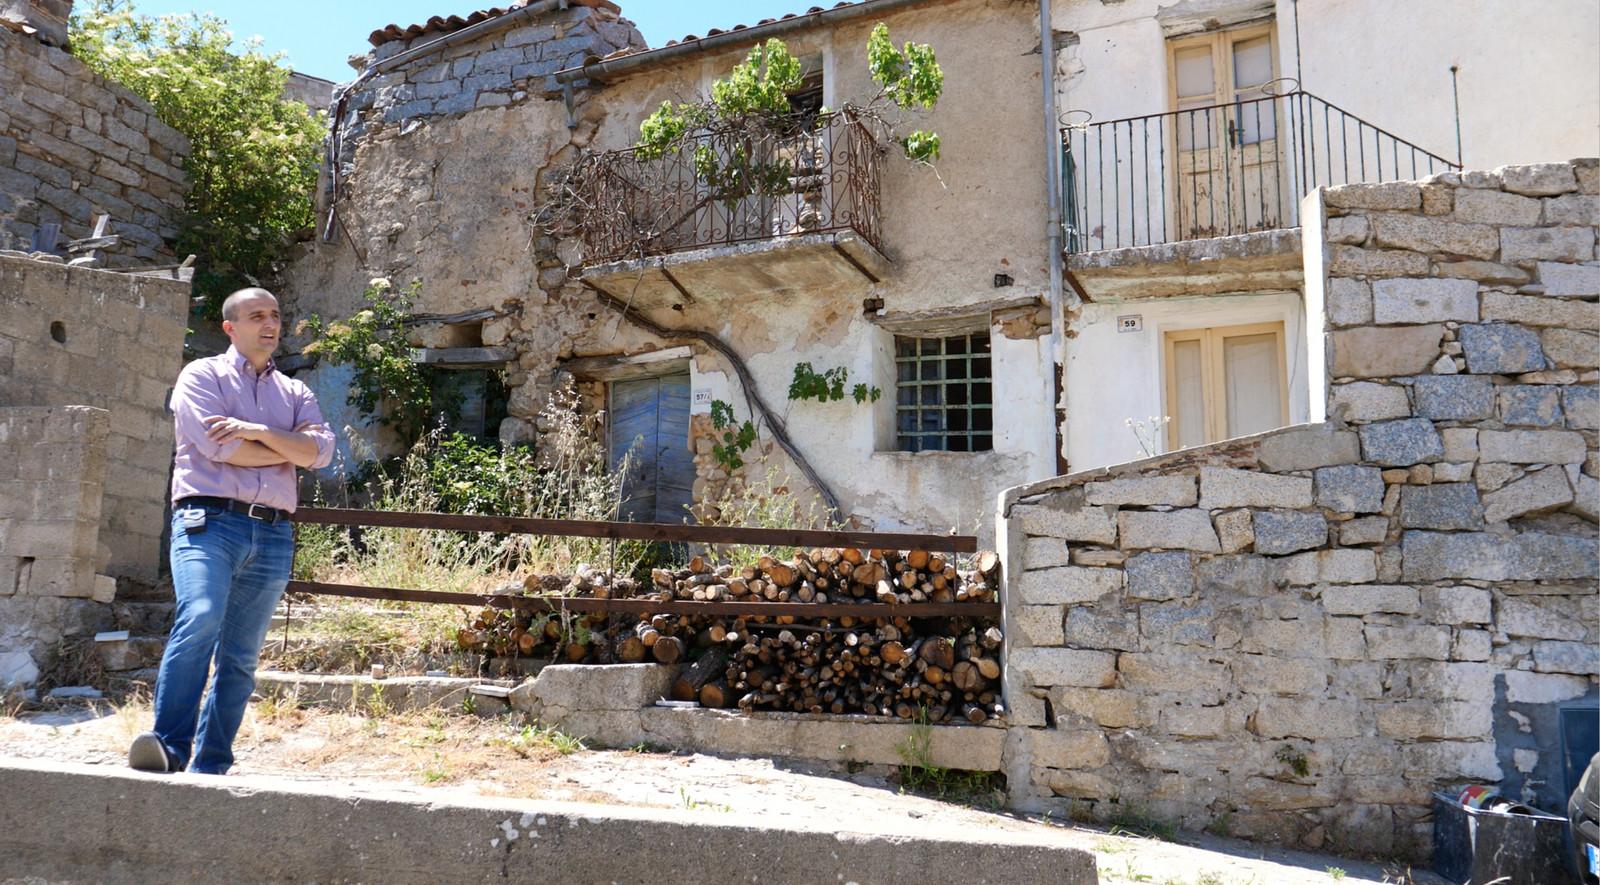 Maison a vendre en italie pour 1 euro avie home for Acheter une maison en italie